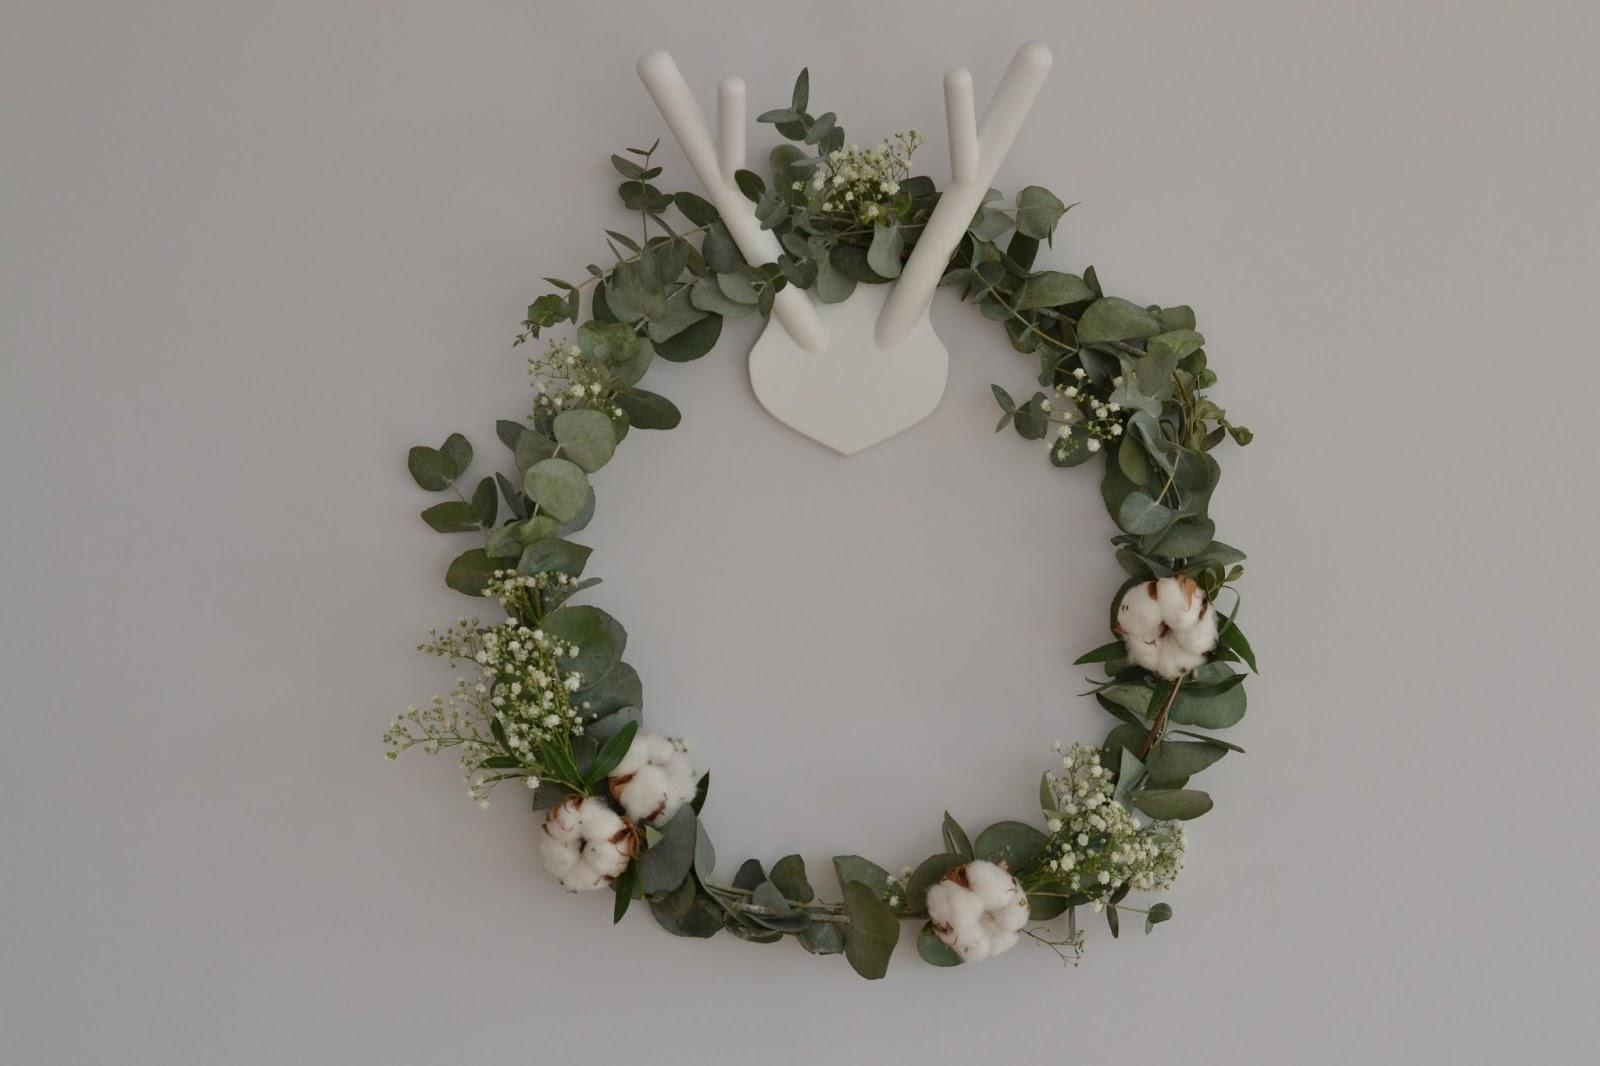 Christmas wreath corona de navidad sofia parapluie - Como hacer coronas de navidad ...